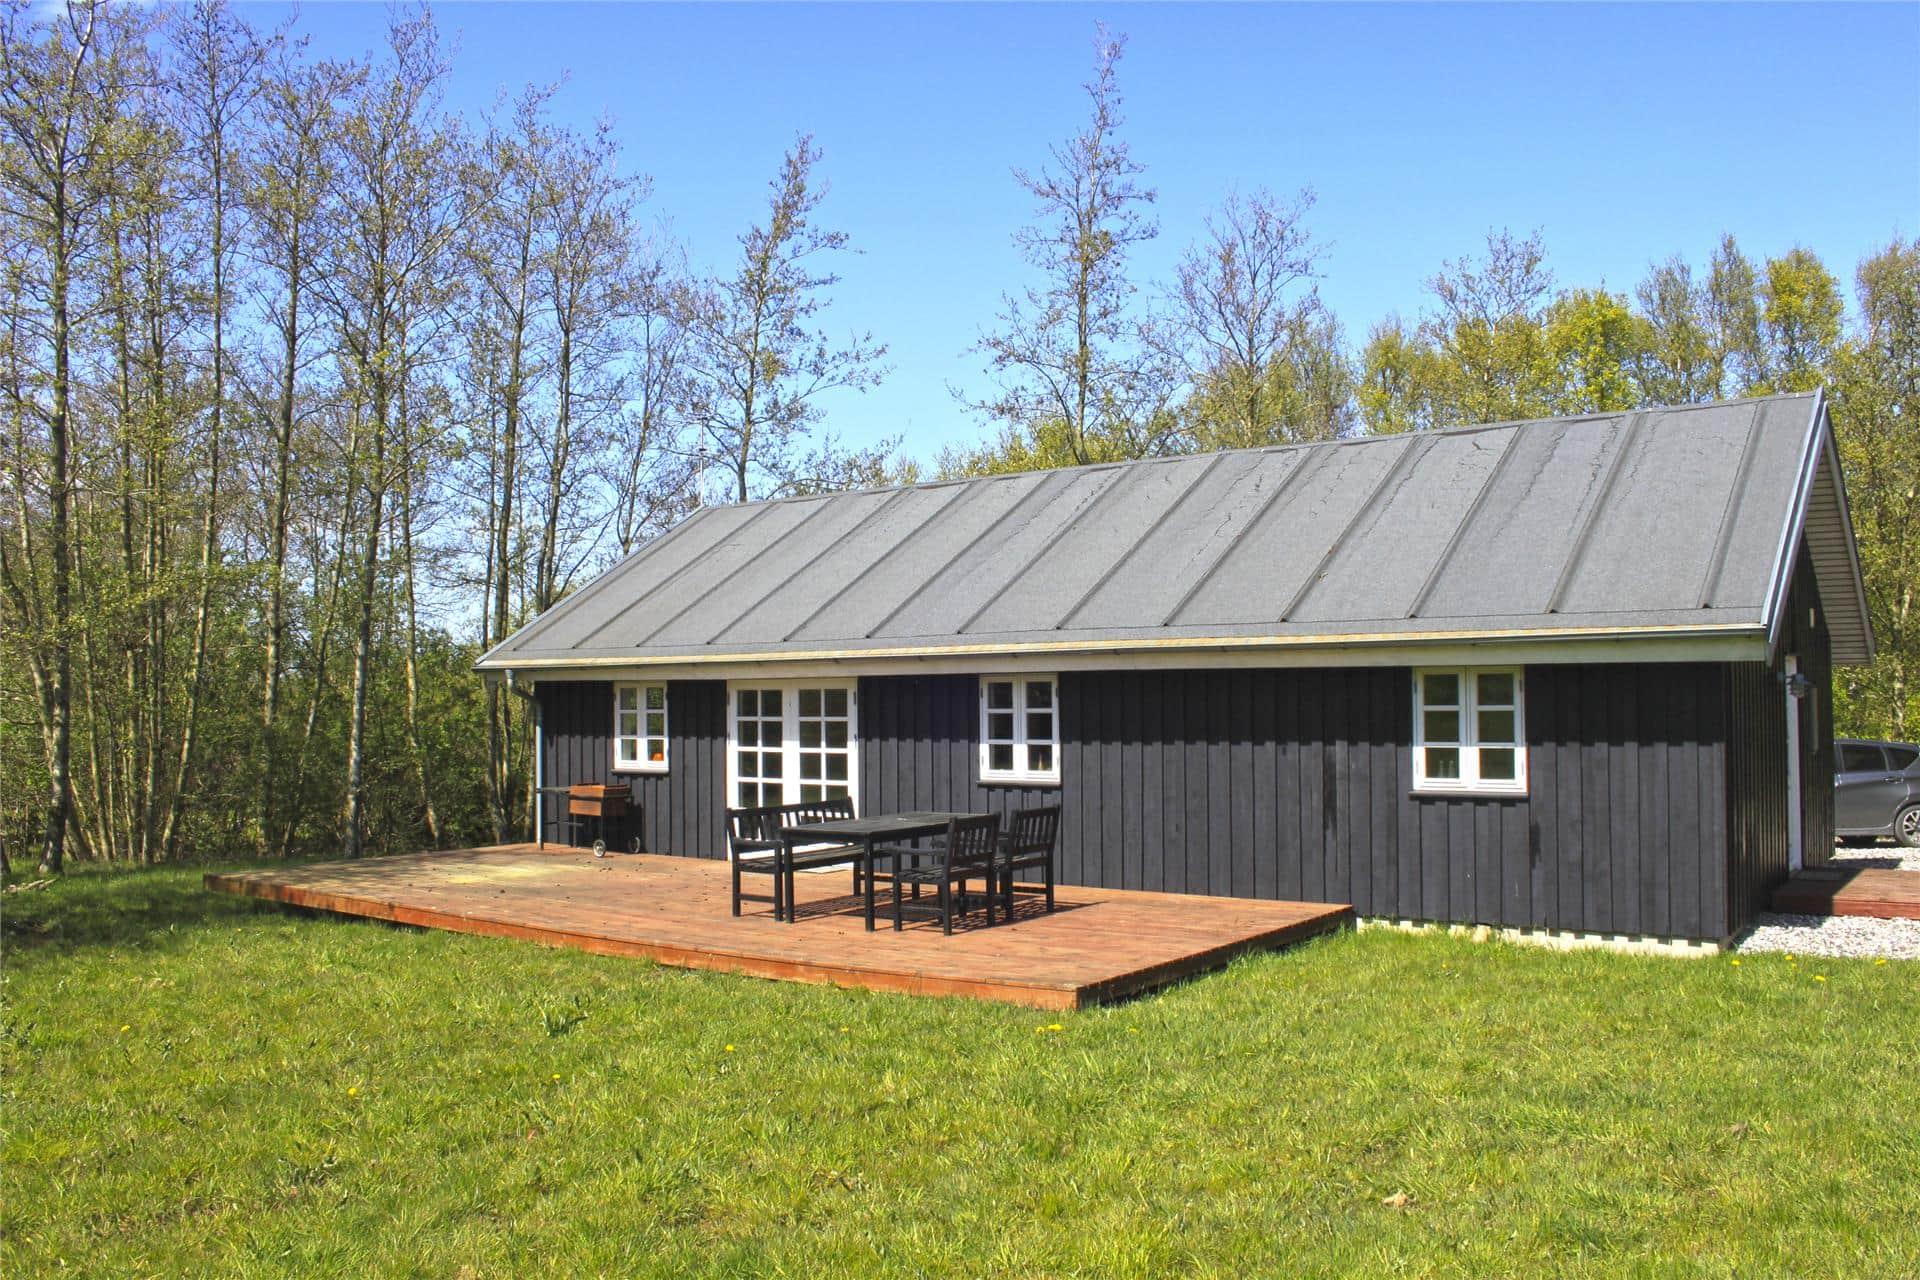 Billede 1-3 Sommerhus L142021, Følvigvej 42, DK - 7870 Roslev